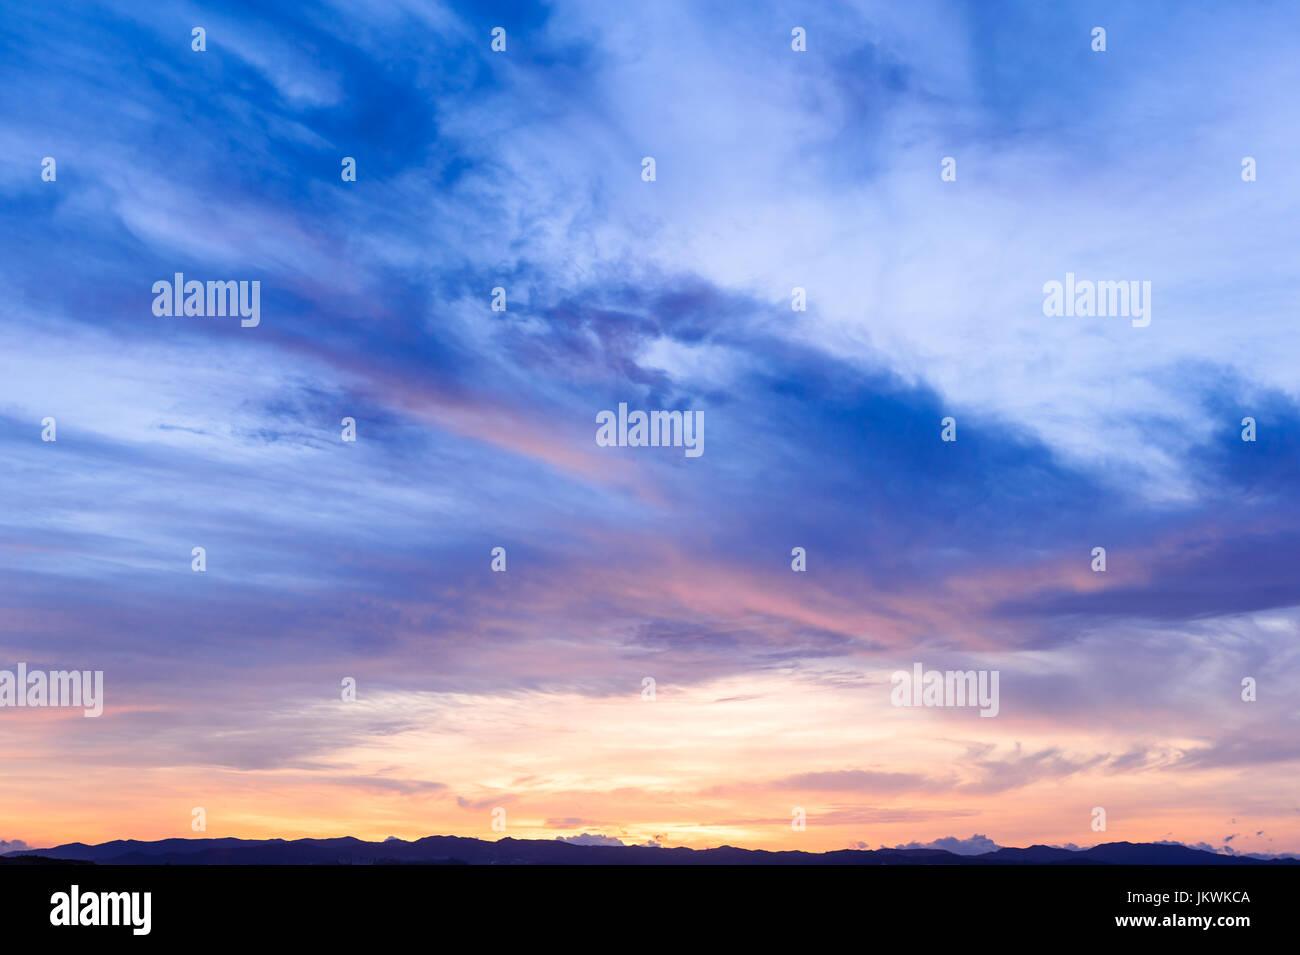 Zukunft, Zeit vergeht, neuer Tag, Himmel, hell blau, Orange und gelbe Farben Sonnenuntergang Sonnenaufgang Stockbild